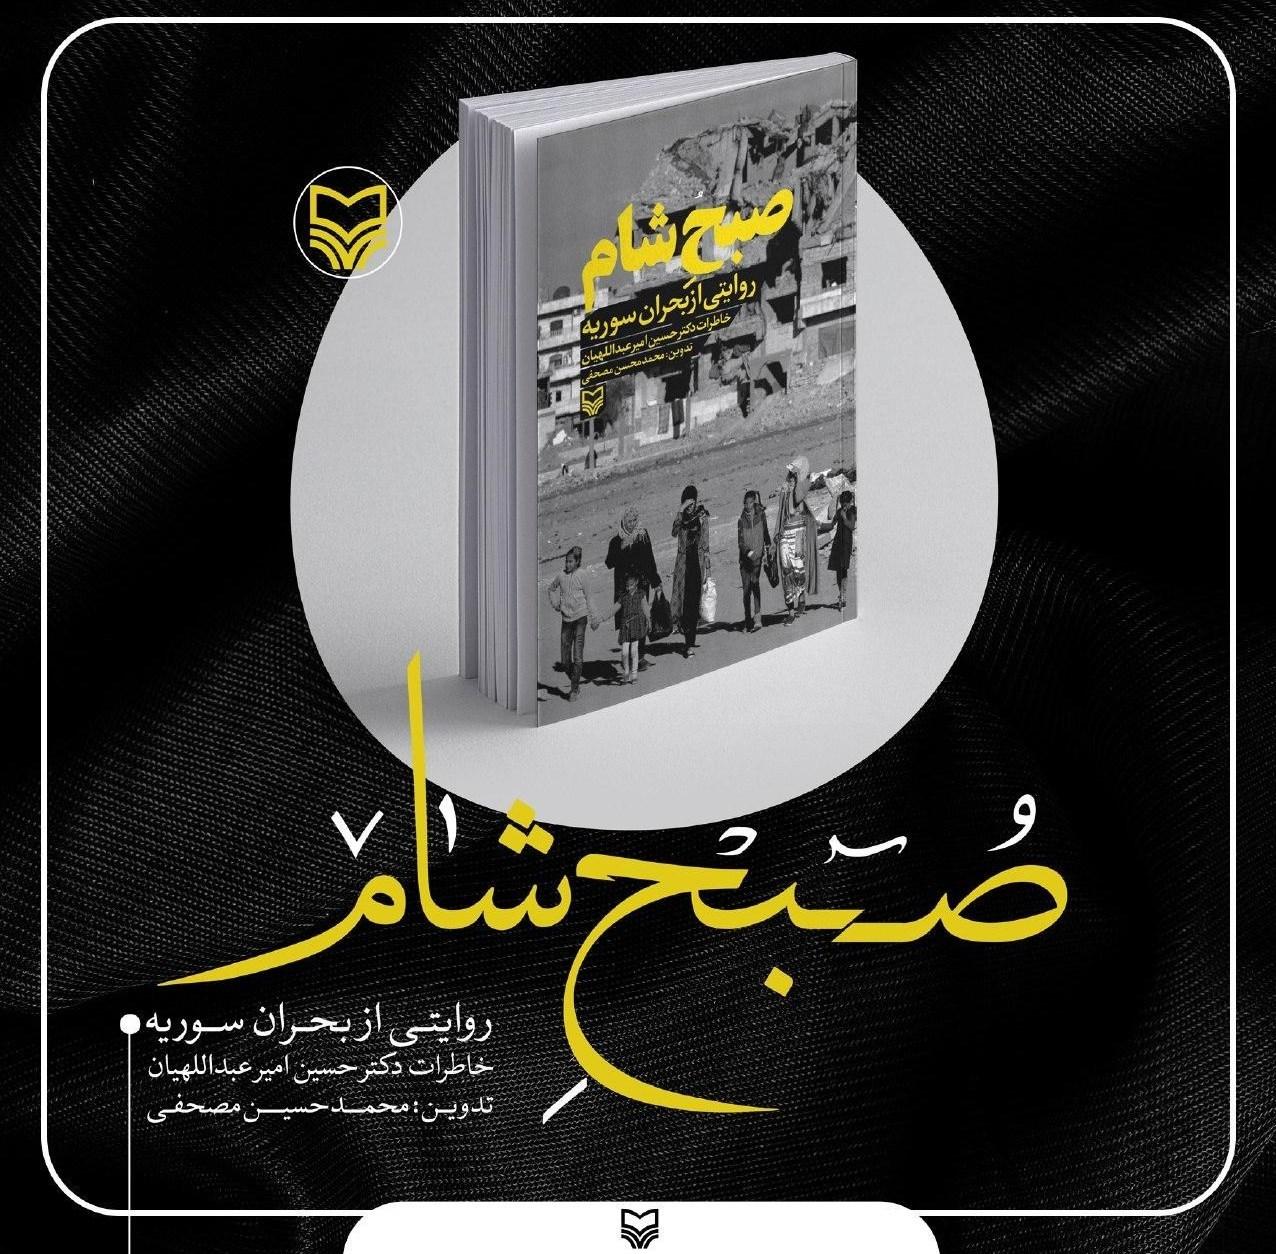 سردار قاسم سلیمانی , کتاب , انتشارات سوره مهر , کشور سوریه , داعش   گروه تروریستی داعش ,